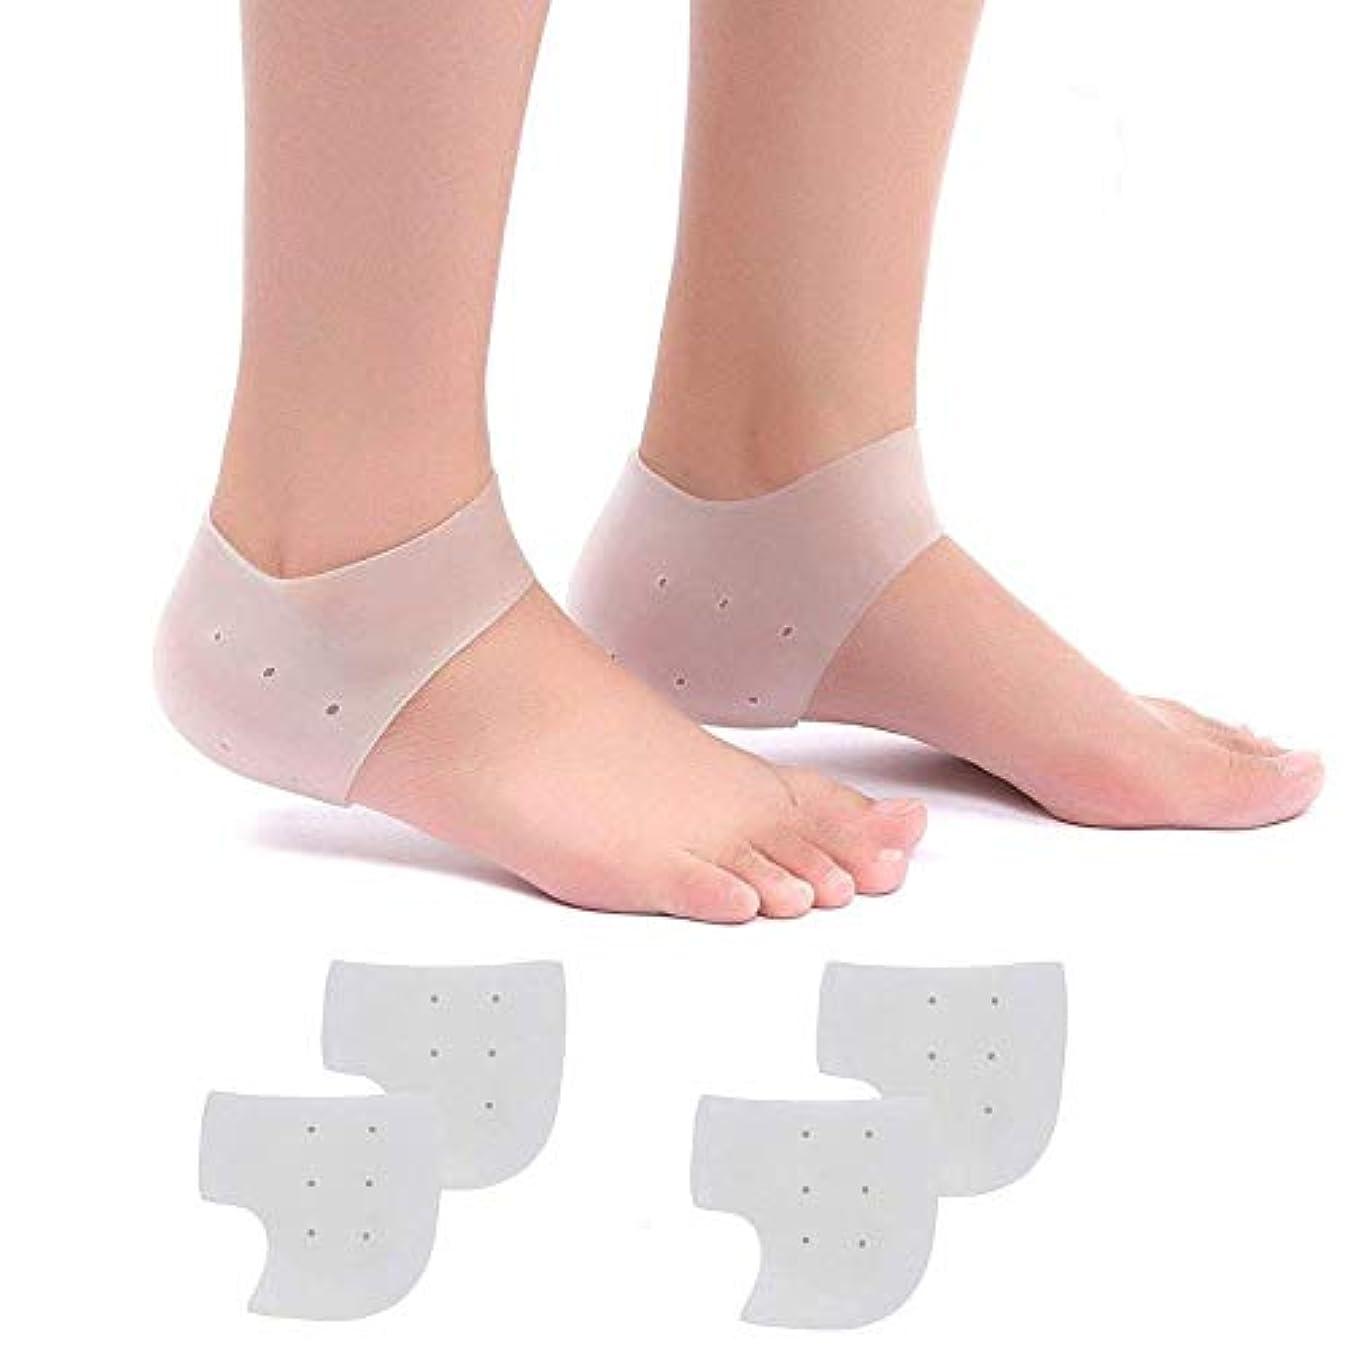 聖書酸化物不信シリコーンヒールスリーブ通気性シリコーンヒールカップ保護パッドの10組、ドライかかとを修復し、足底筋膜炎/アキレス腱/腱/ヒールスパー/かかとの痛みを軽減することができます